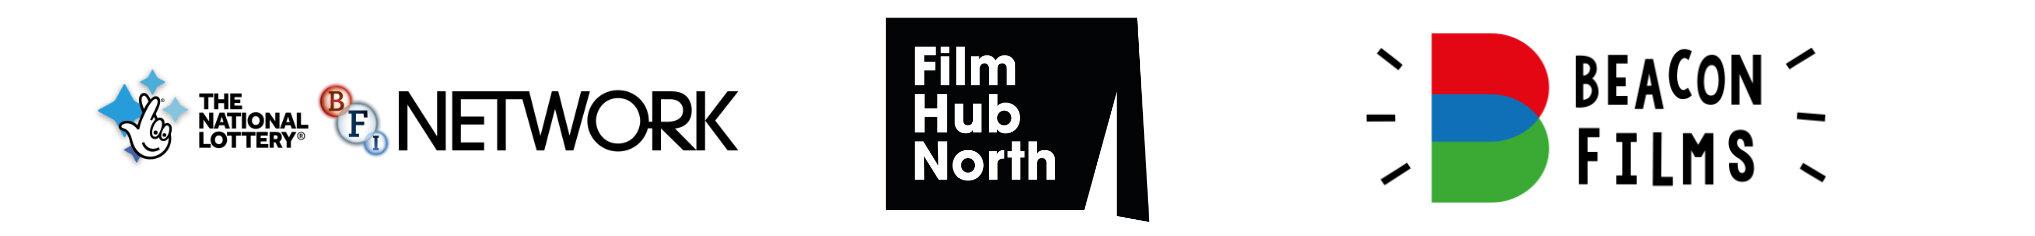 Film Routes logo strip.jpg